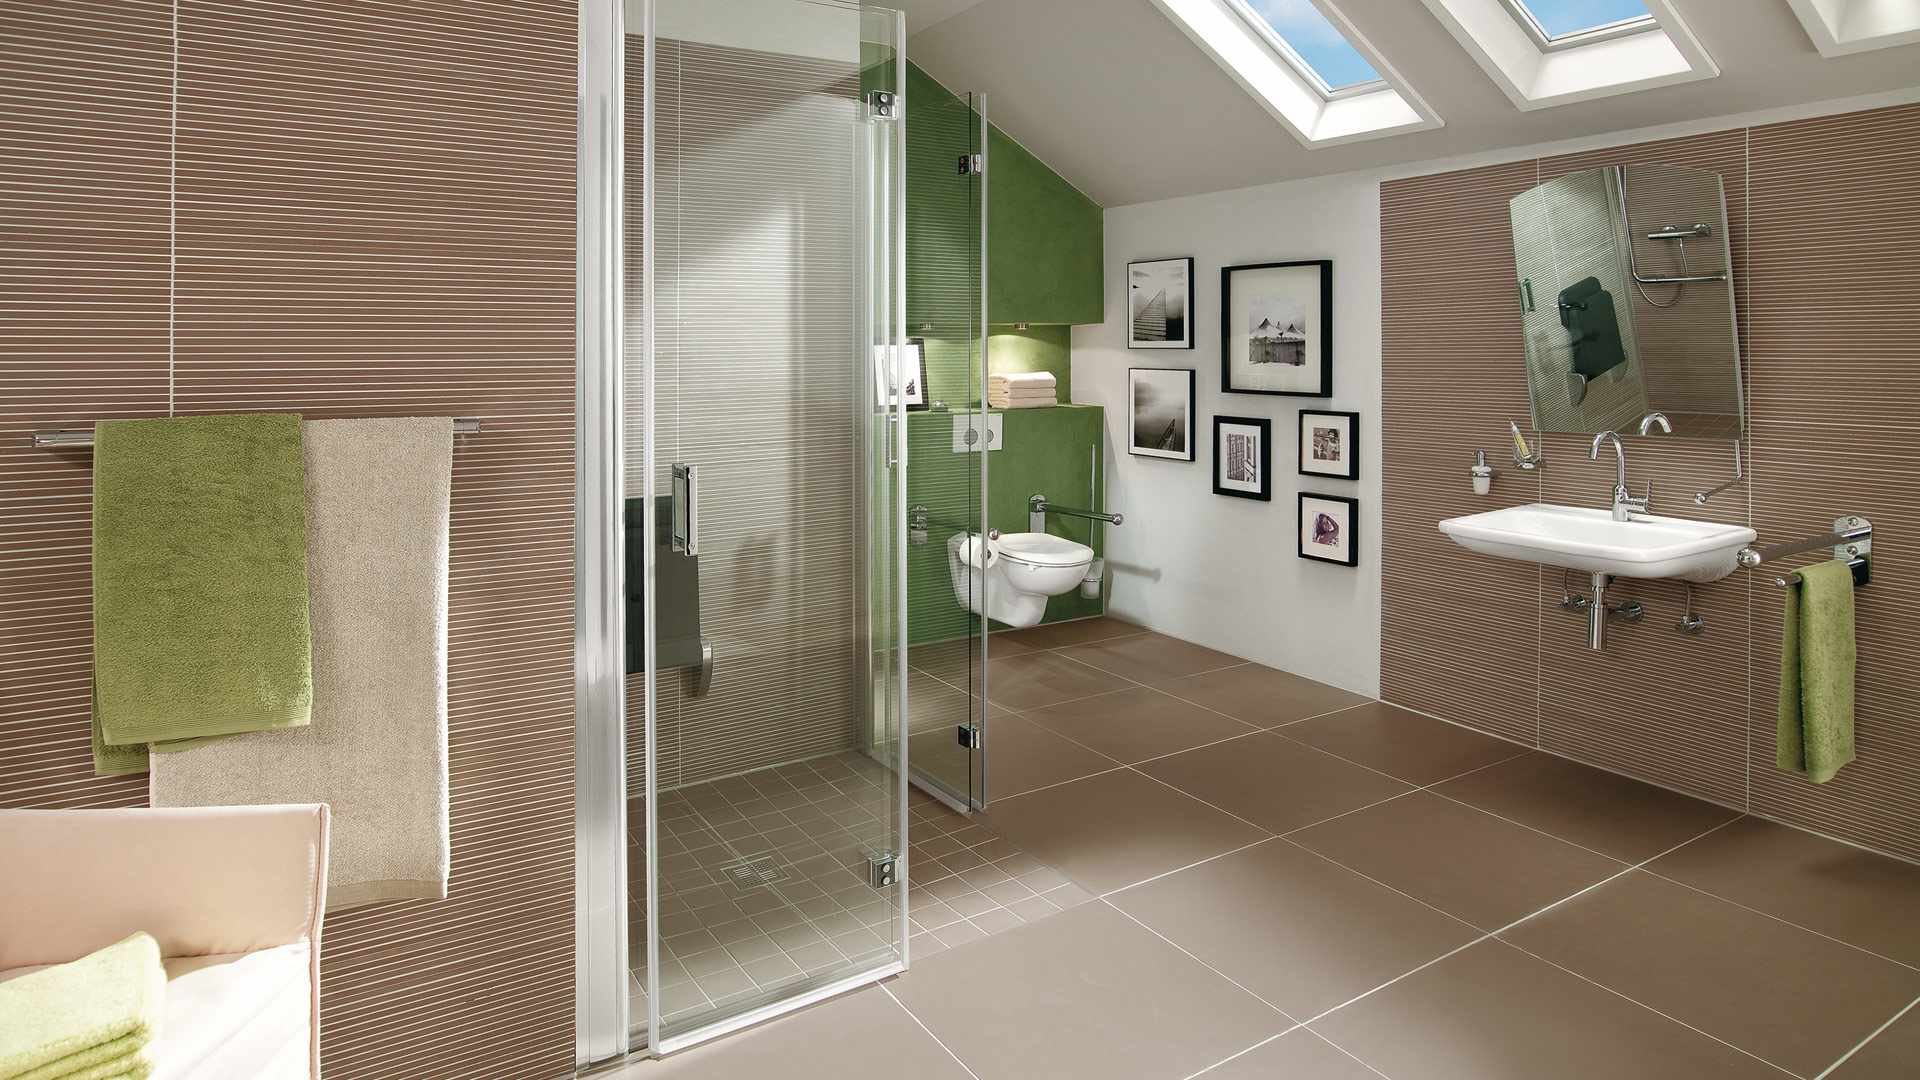 das barrierefreie badezimmer f r jung und alt. Black Bedroom Furniture Sets. Home Design Ideas